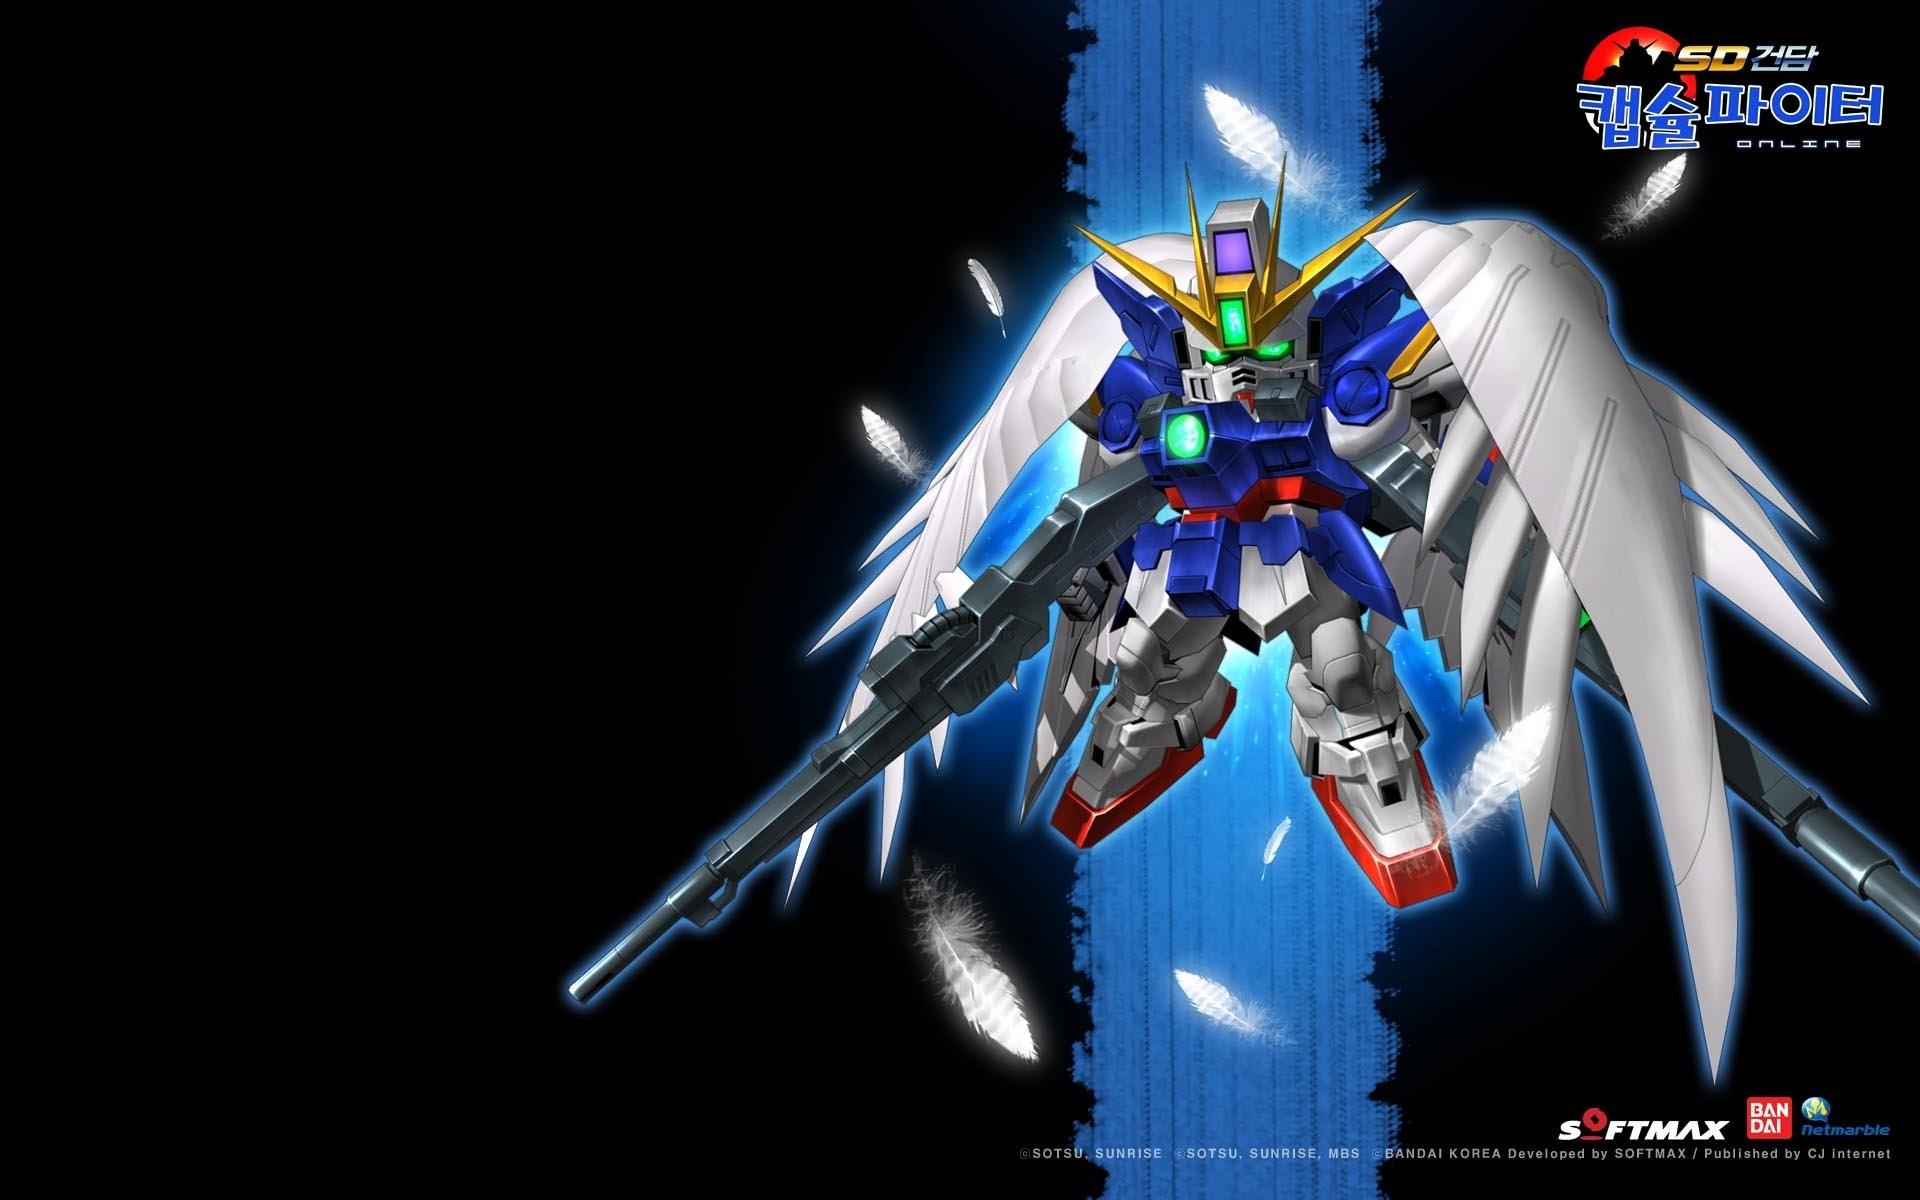 SD Gundam Capsule Fighter Online sci-fi shooter tps action mmo fighhting  1gcfo SDGO mecha wallpaper     657182   WallpaperUP